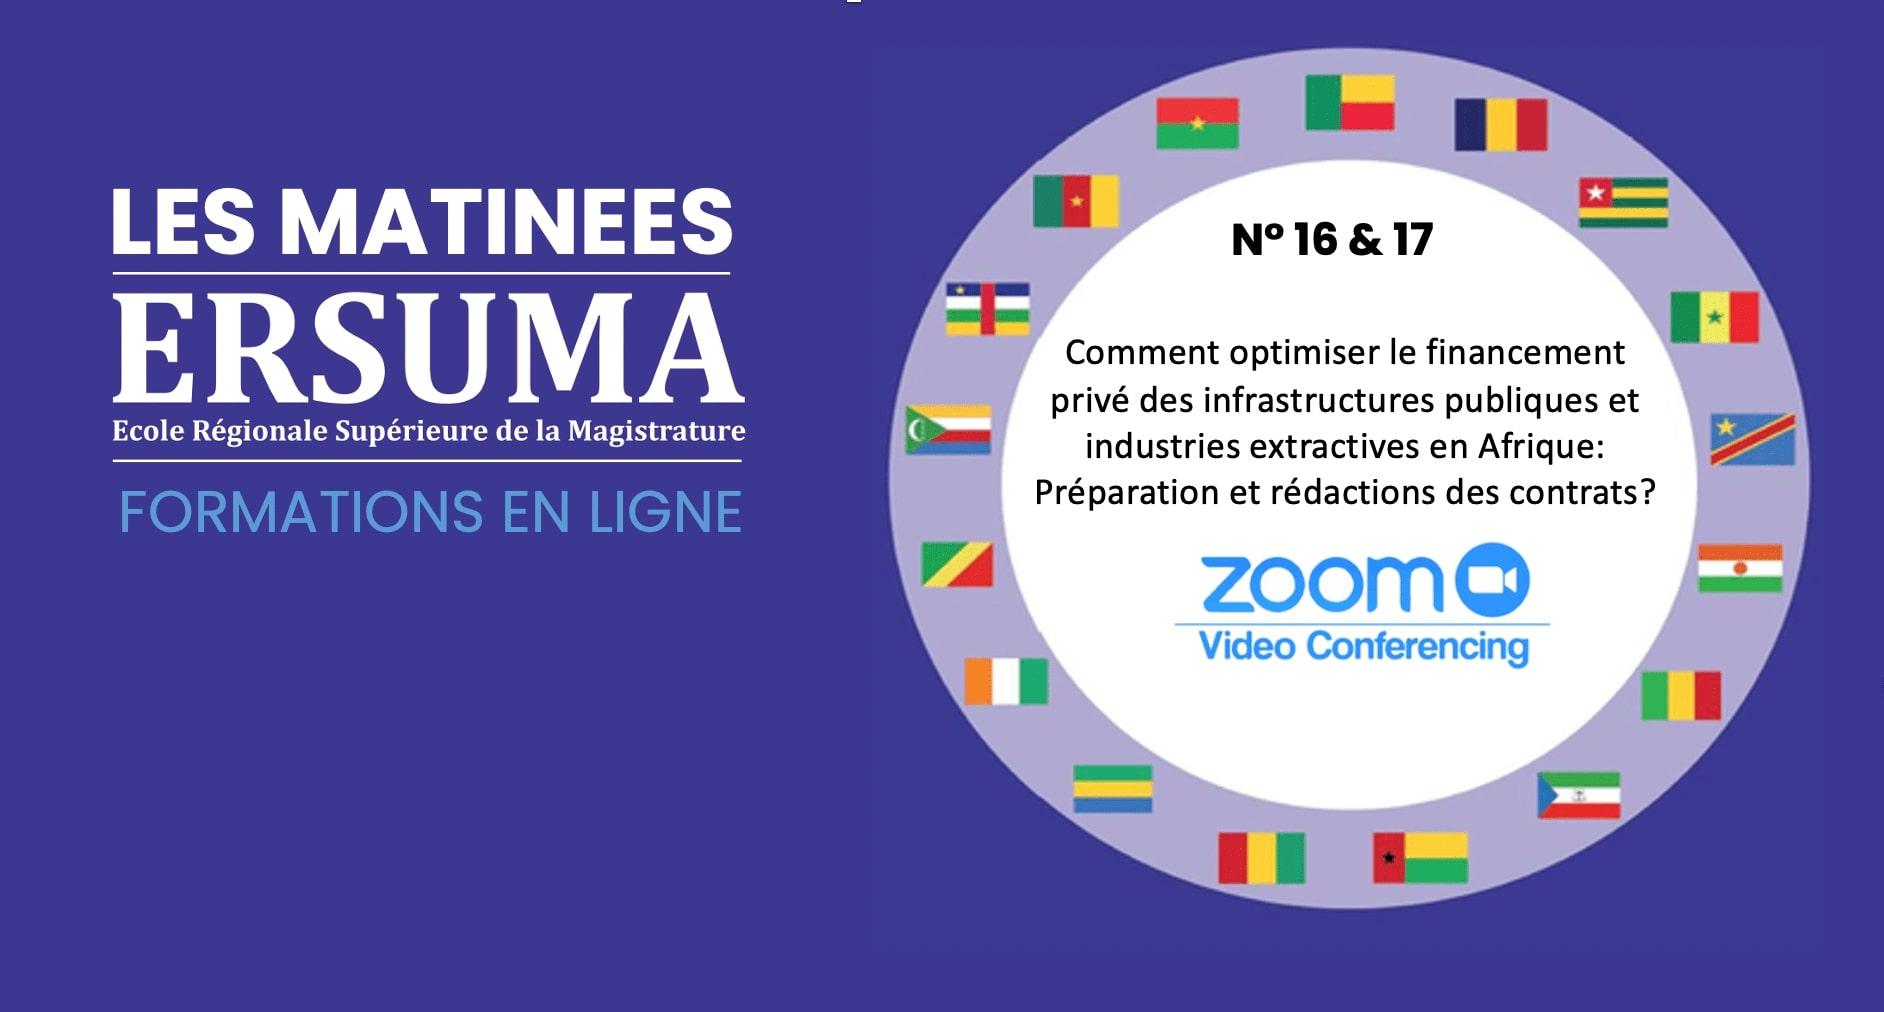 COMMUNIQUE / 16 EME MATINEE ERSUMA-FORMATION EN LIGNE